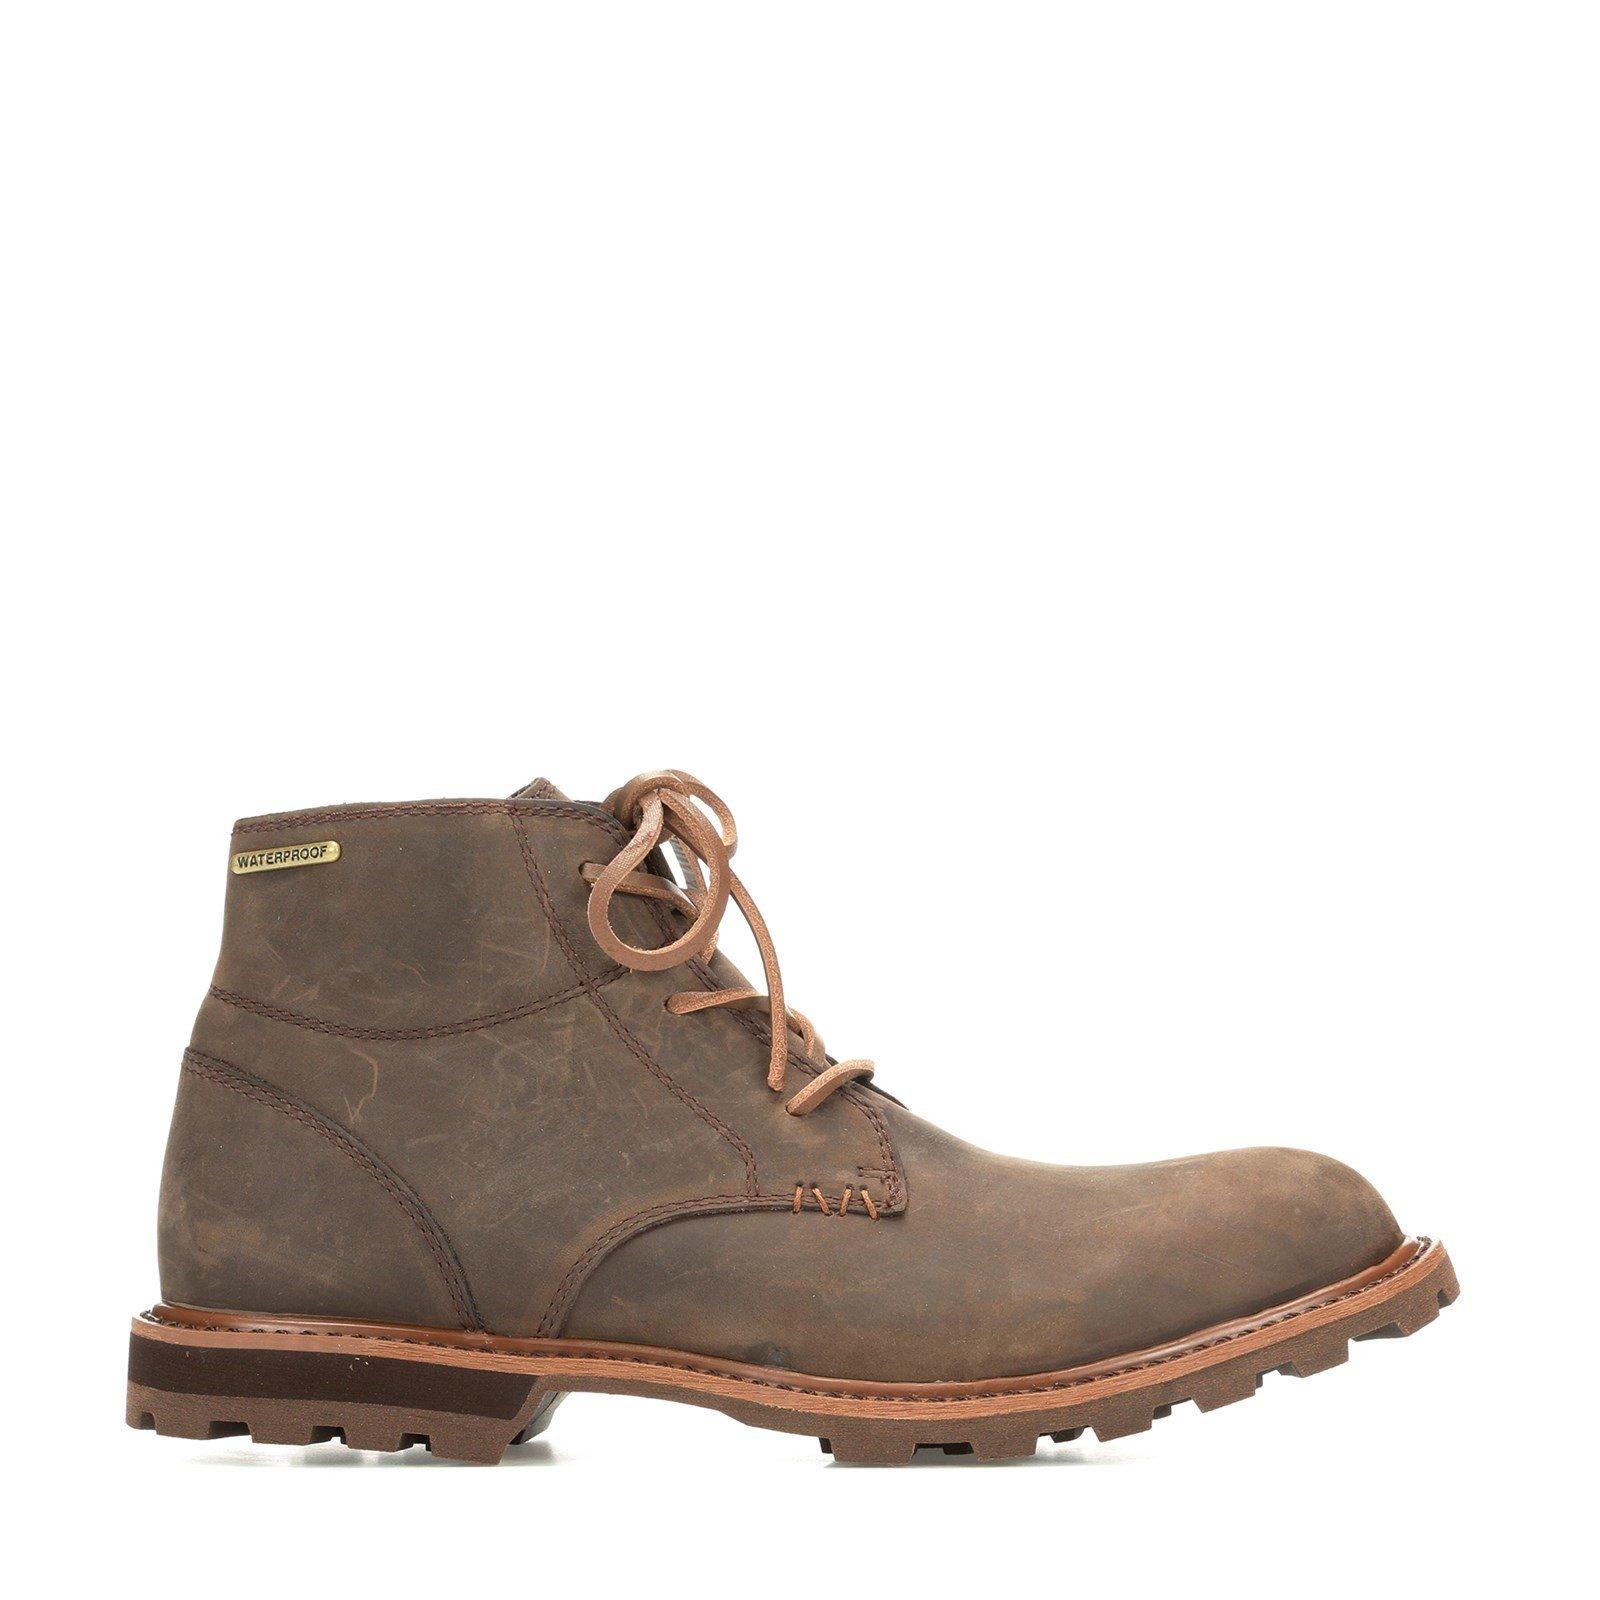 Muck Boots Men's Freeman Boot 31761 - Brown 13